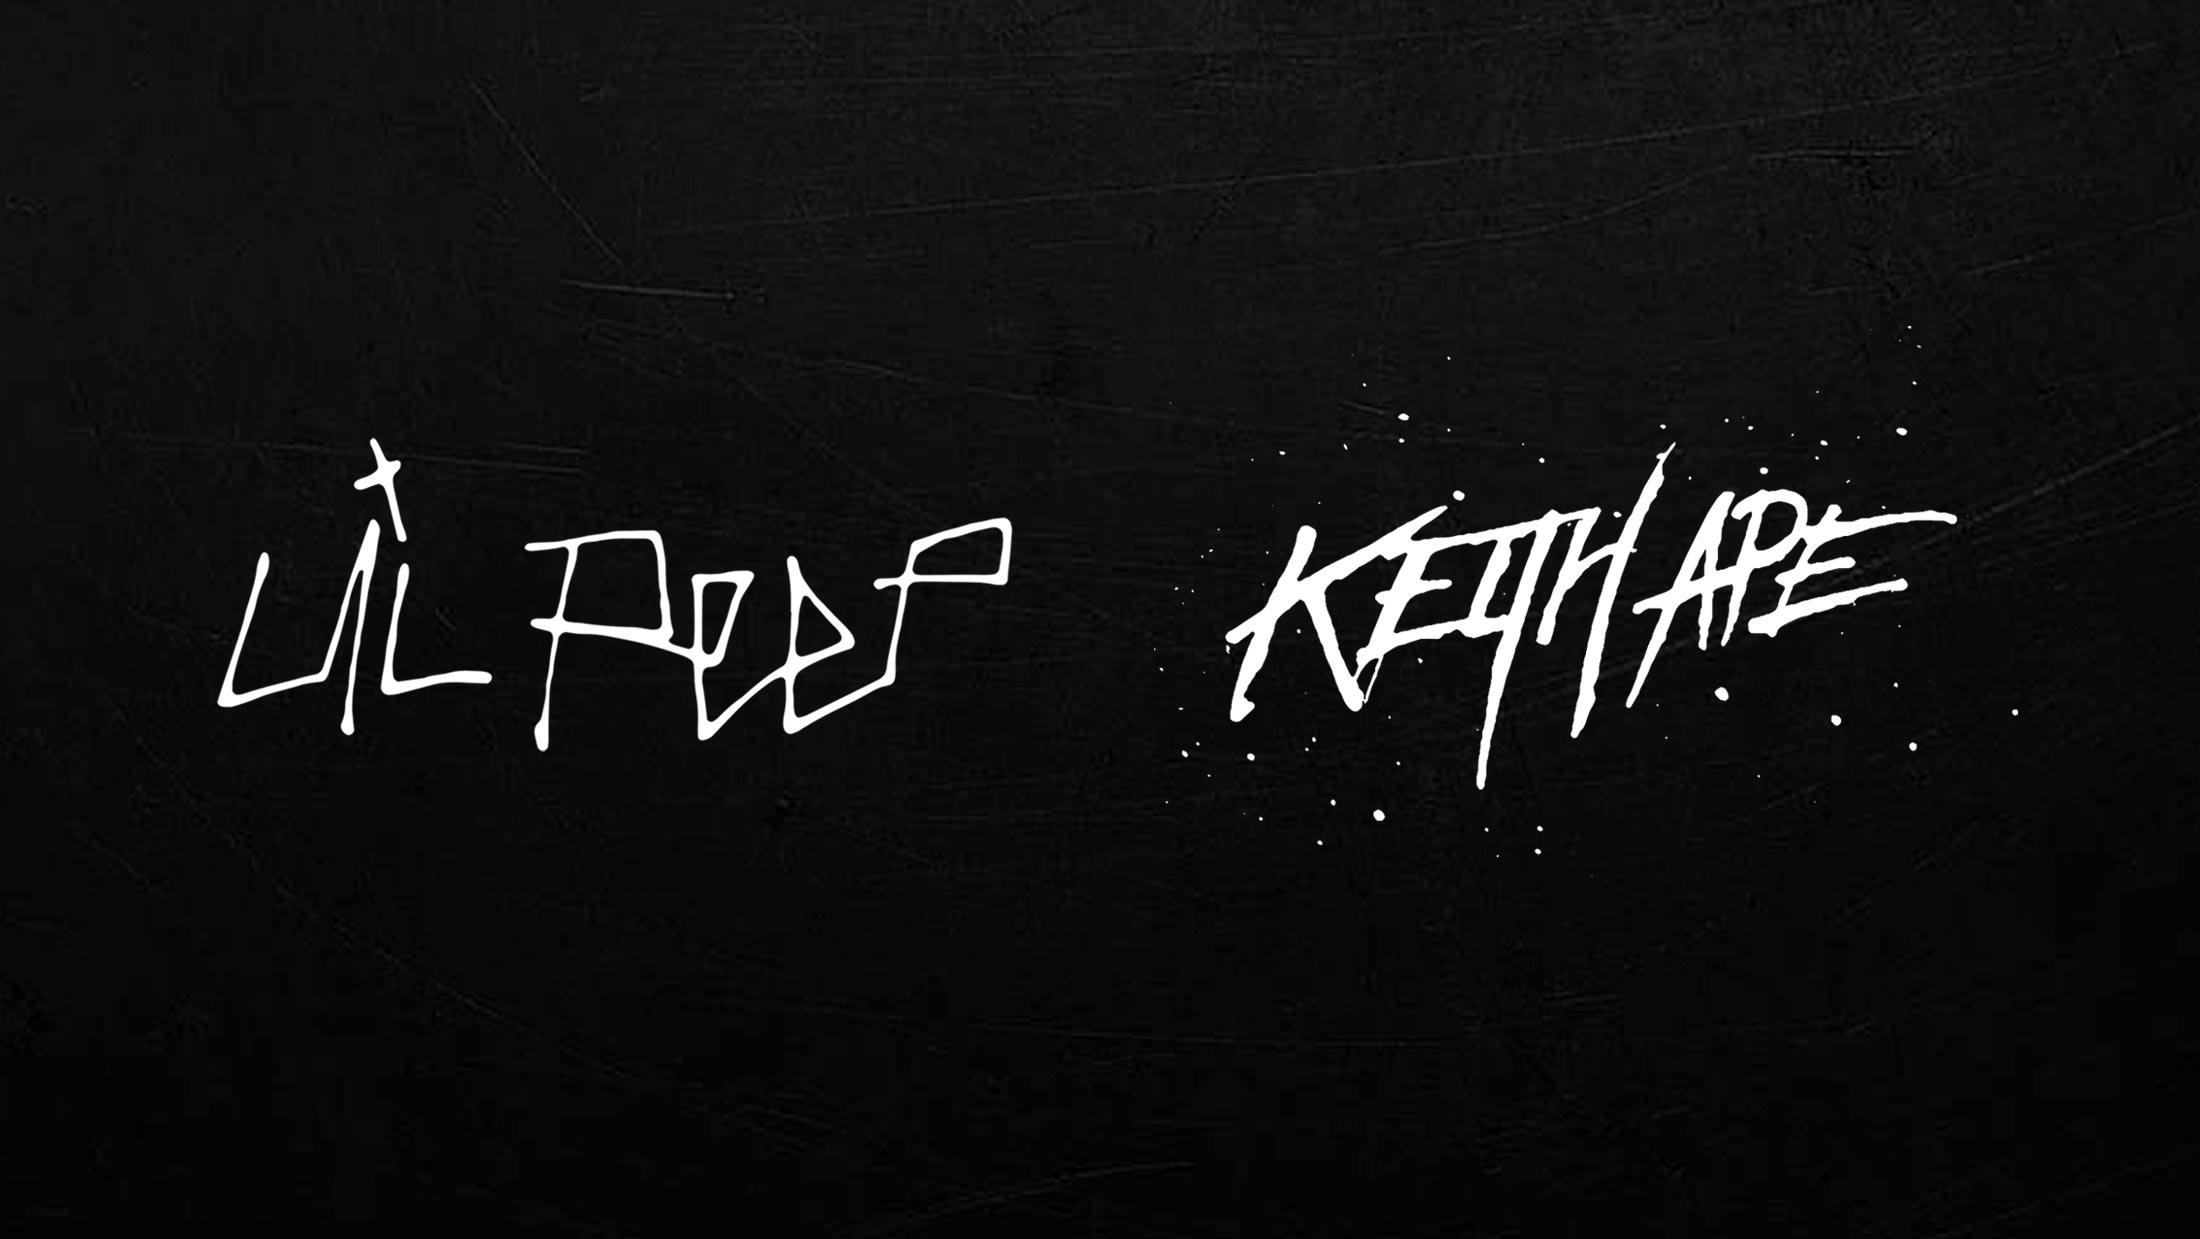 lil-peep-keith-ape-logos